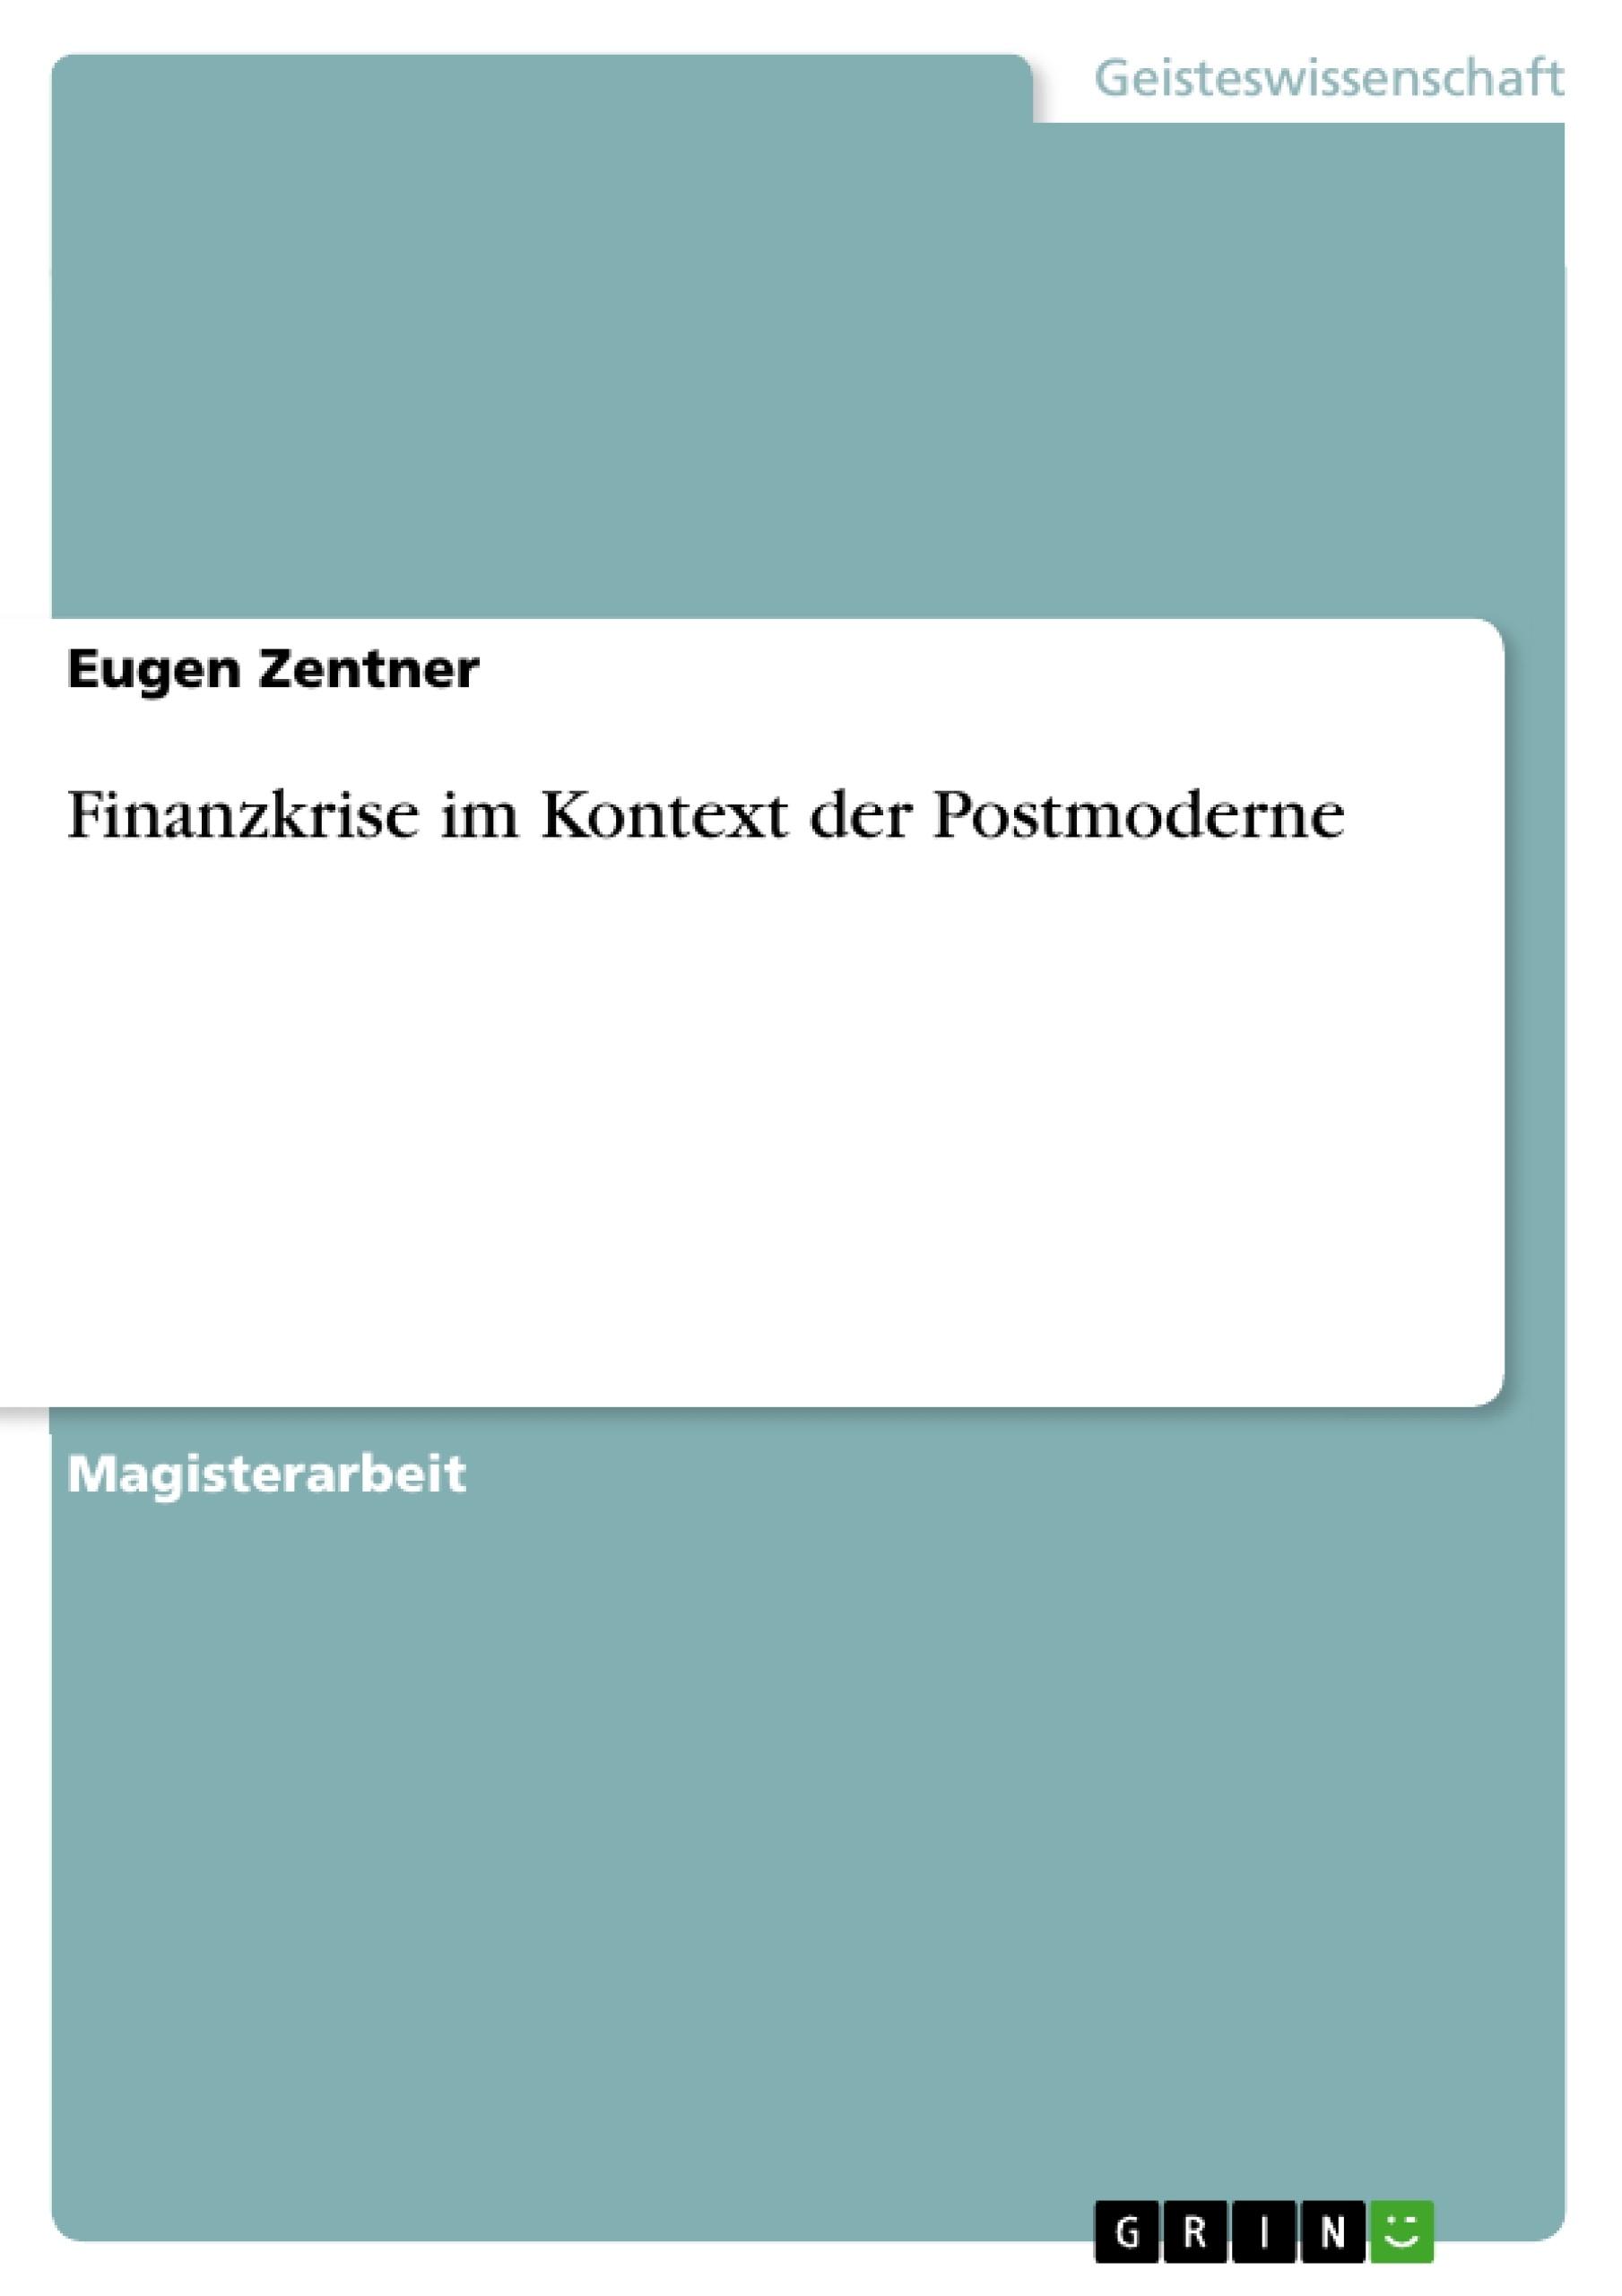 Titel: Finanzkrise im Kontext der Postmoderne